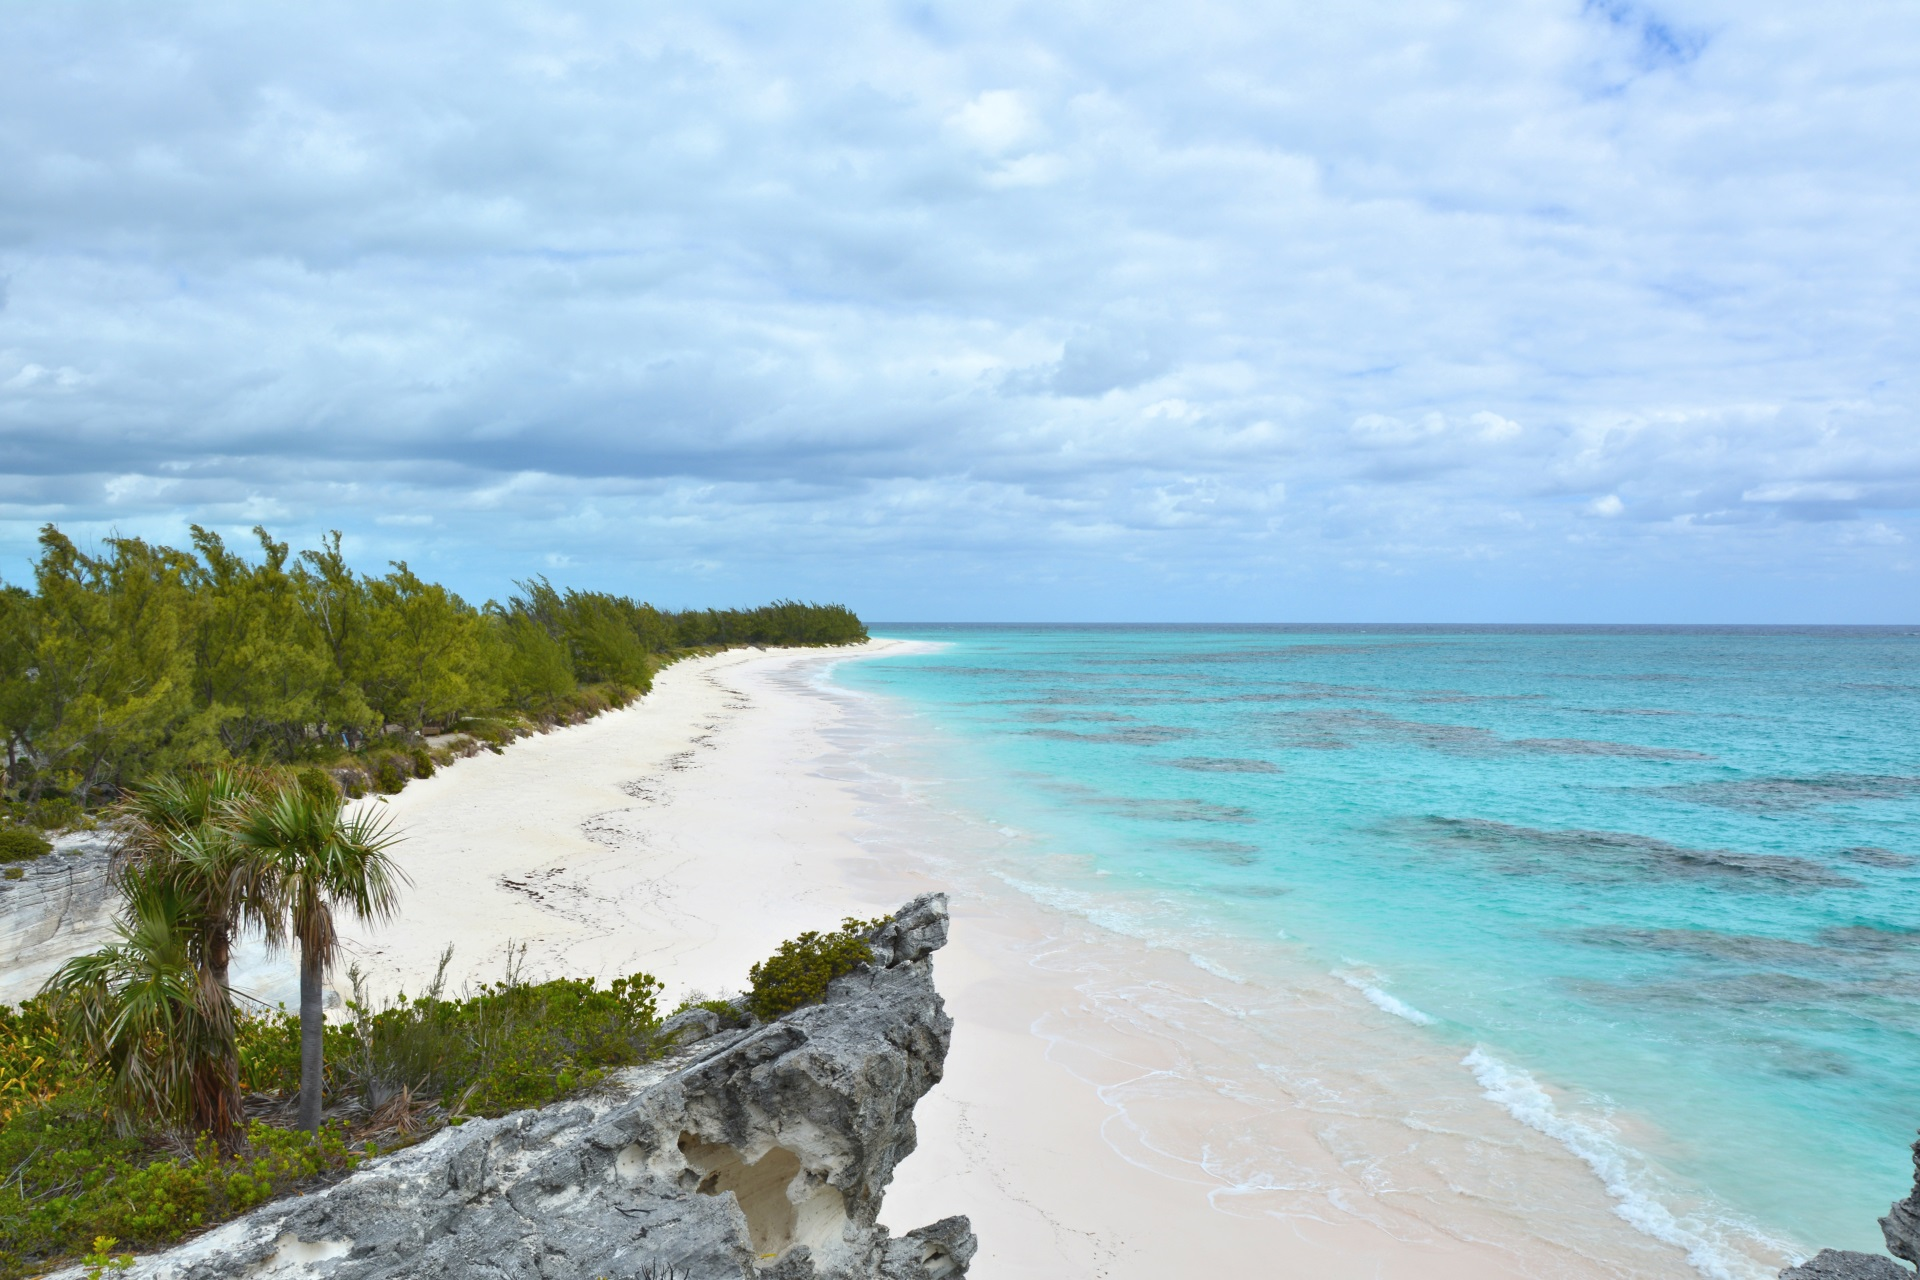 Karibische Traumstrände der Bahamas. Reisen.